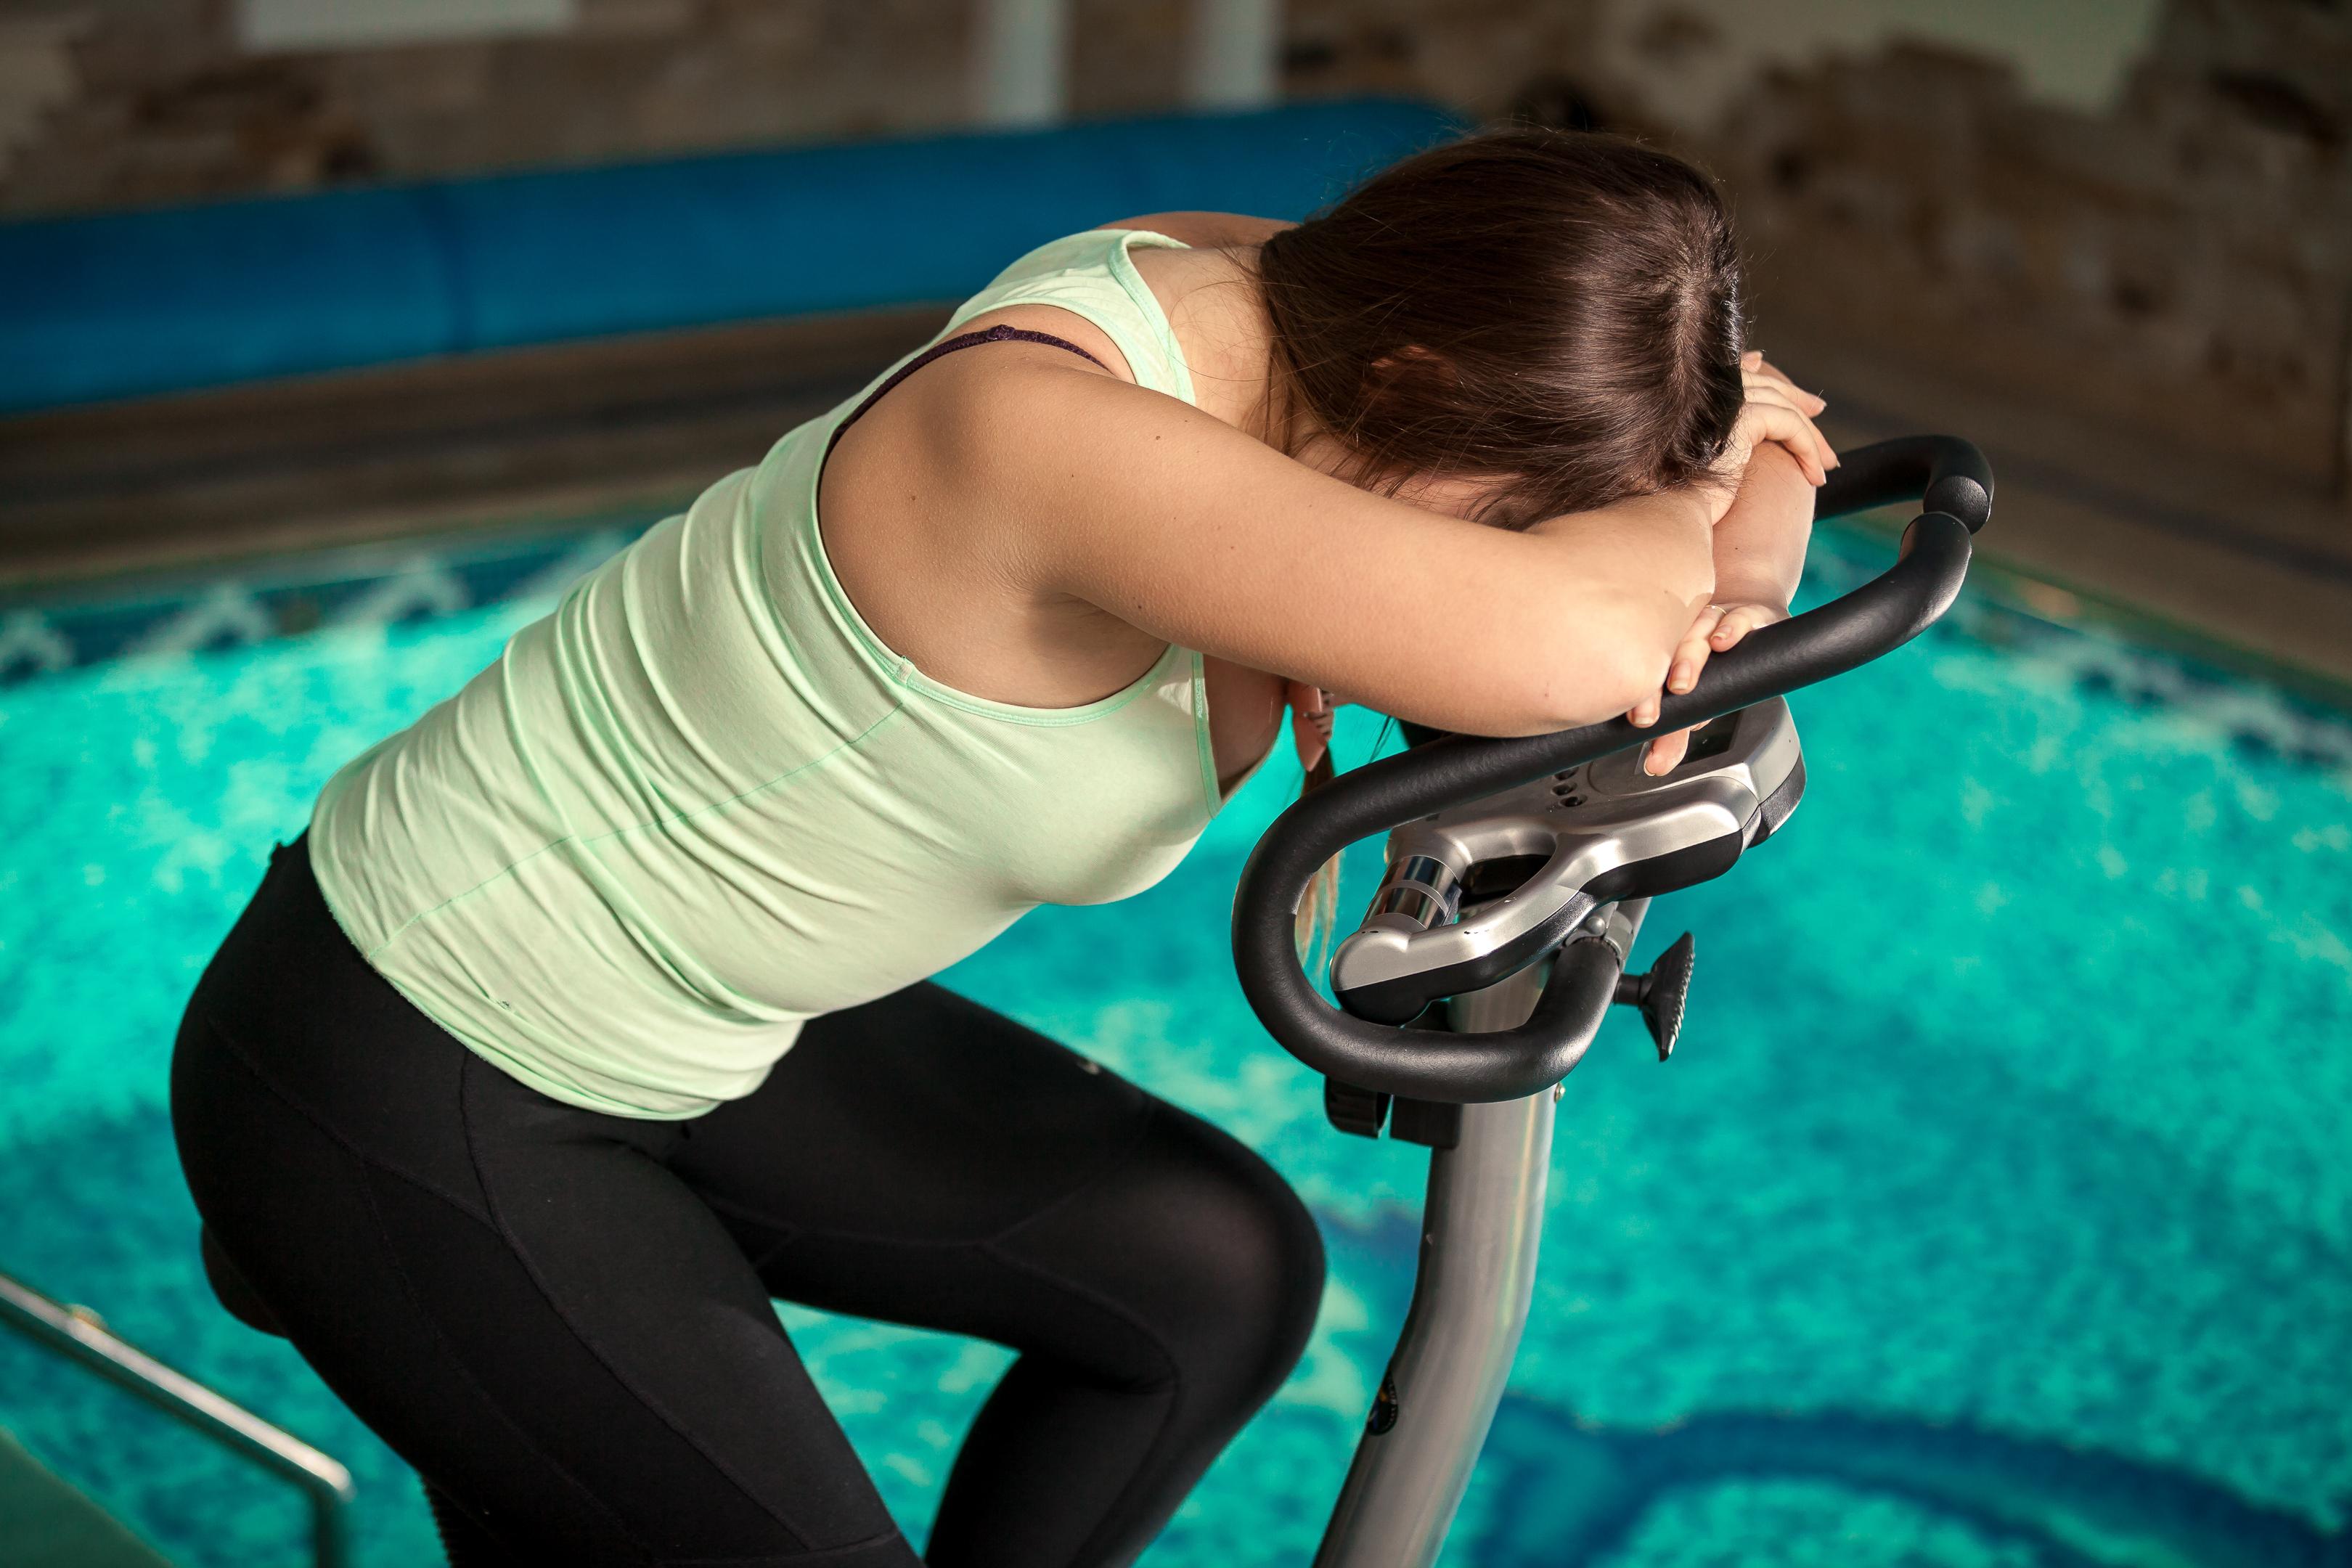 Эффективность Похудения С Велотренажером. Волшебный велотренажер — эффективно ли похудение с помощью кардионагрузки?